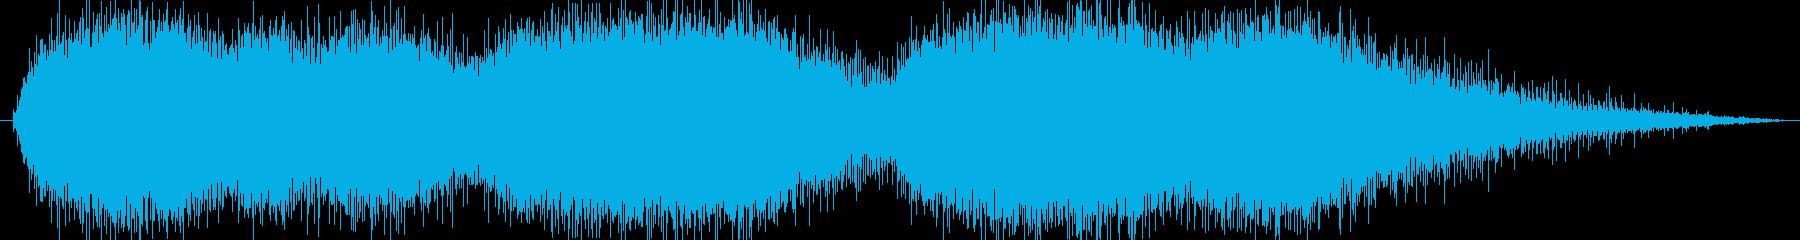 機械 ジグソーエンジンシーケンス02の再生済みの波形